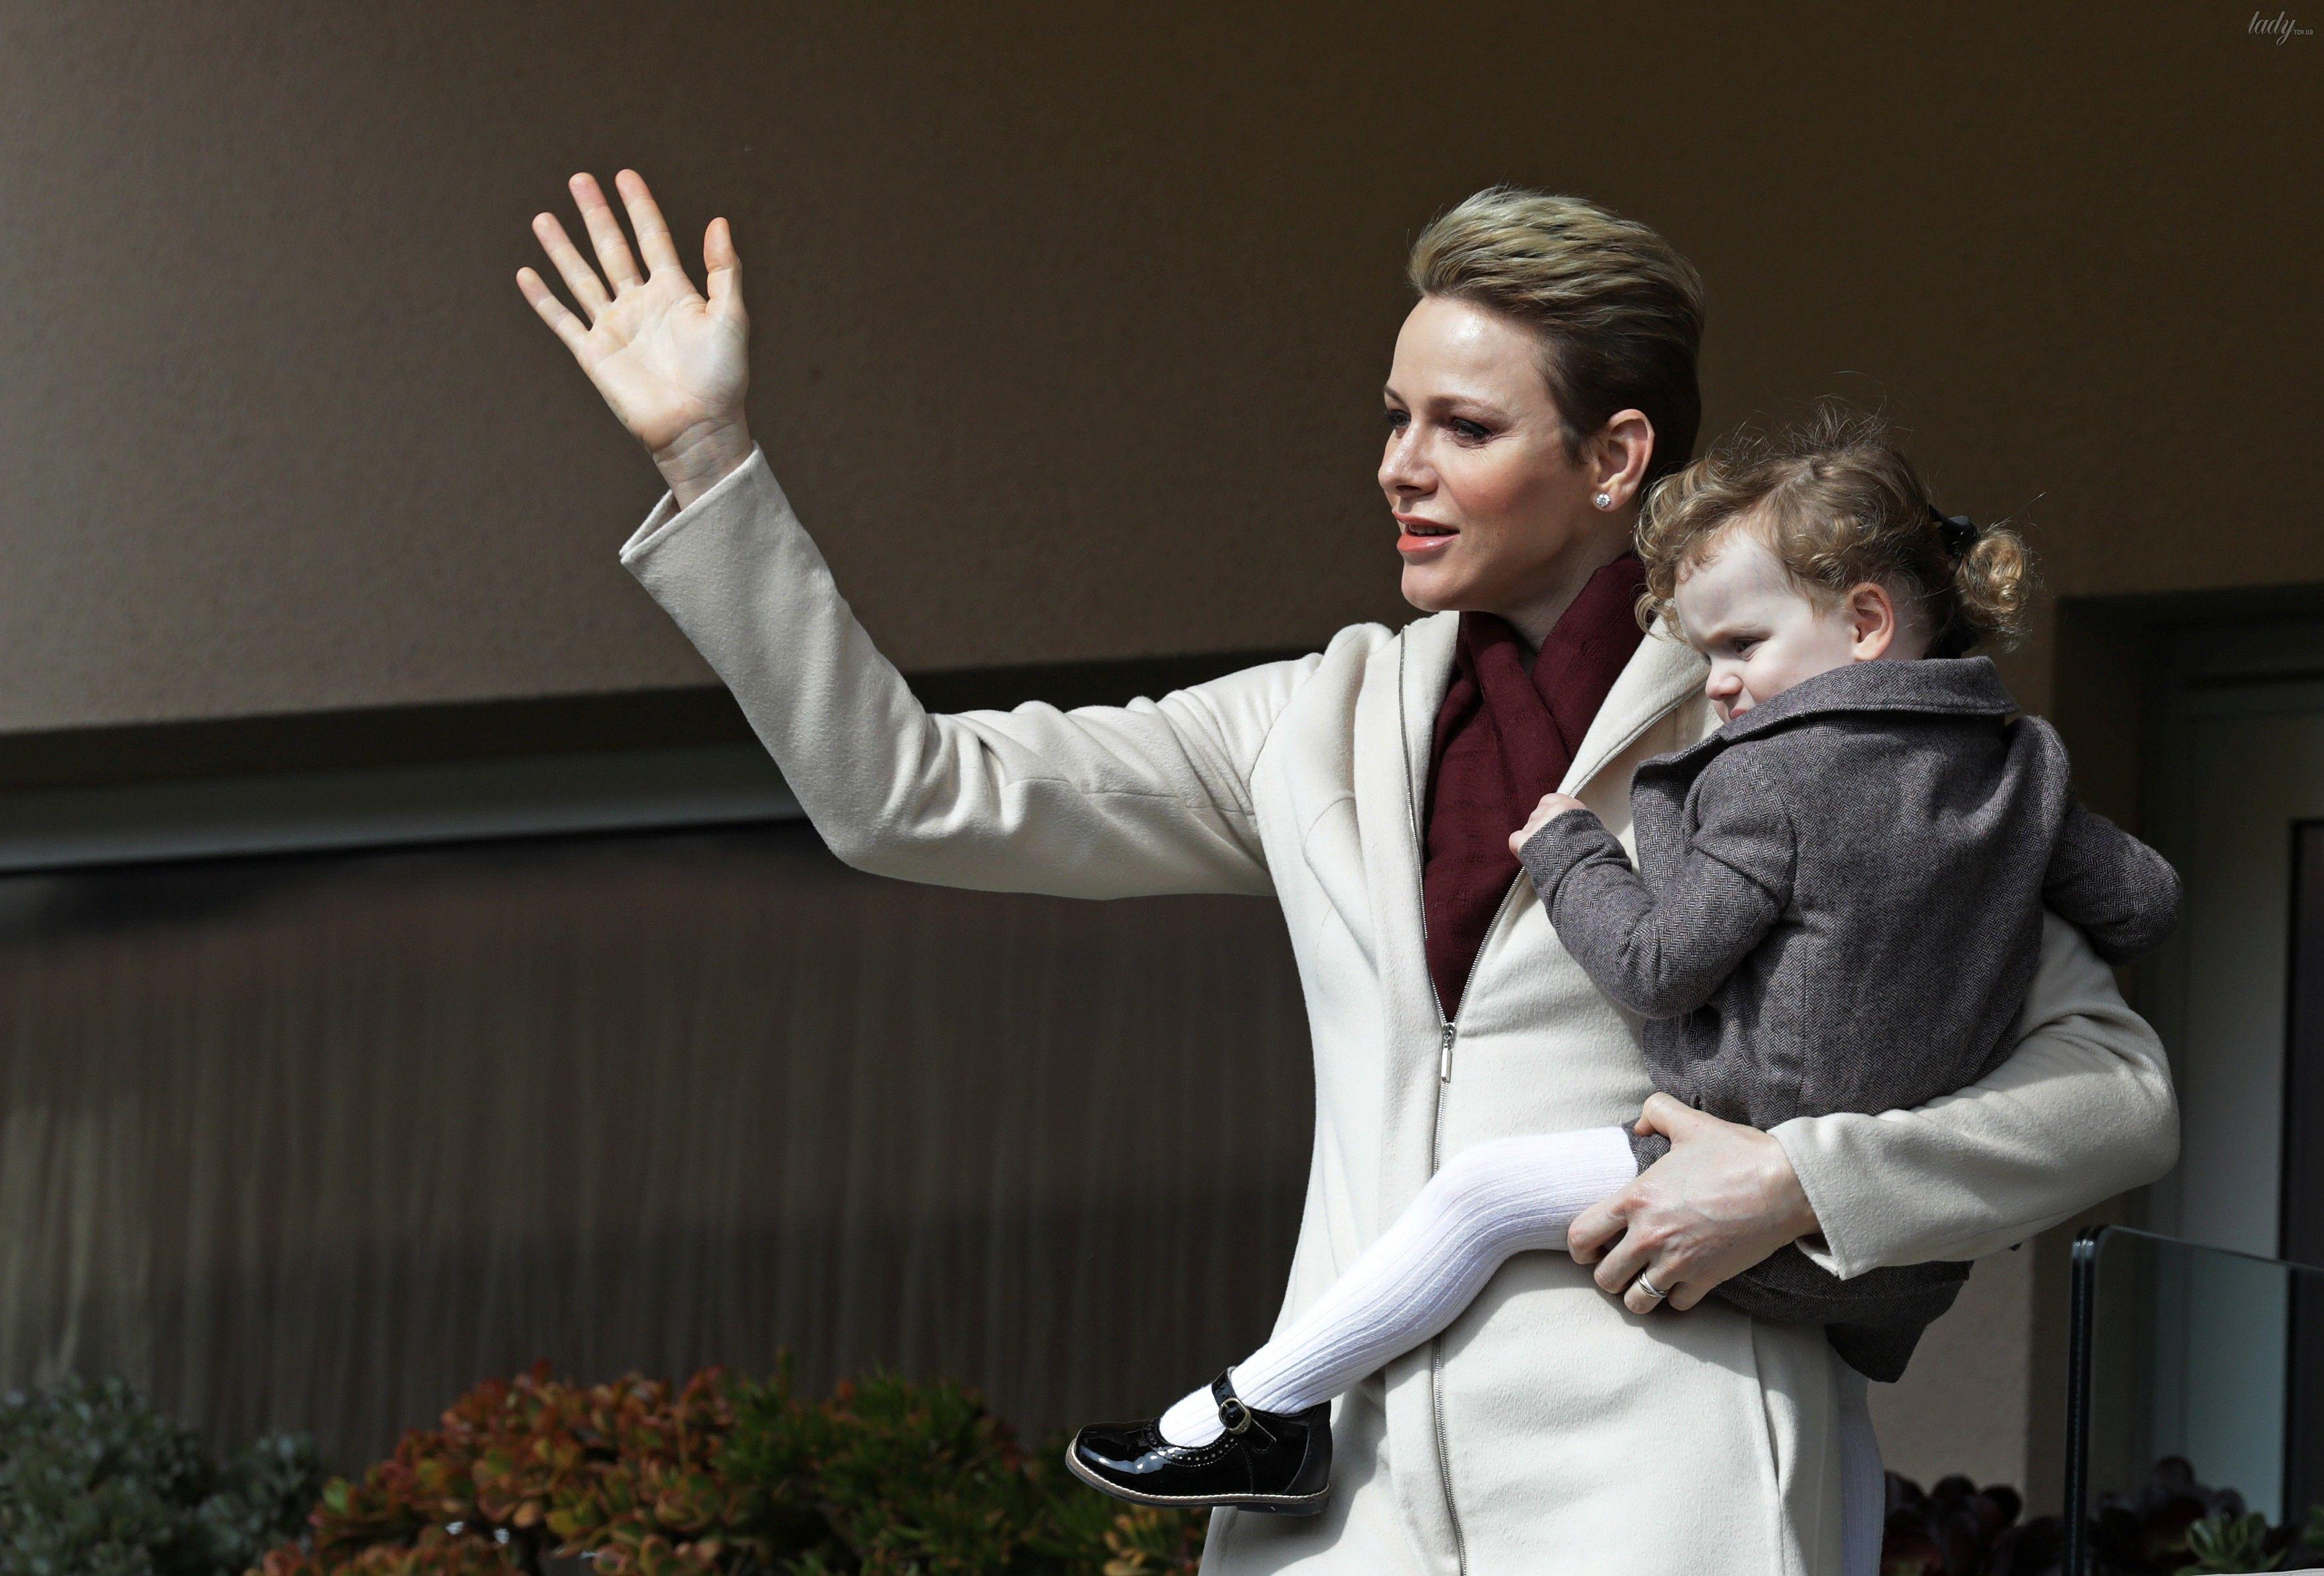 Княгиня Шарлин и князь Альбер_8